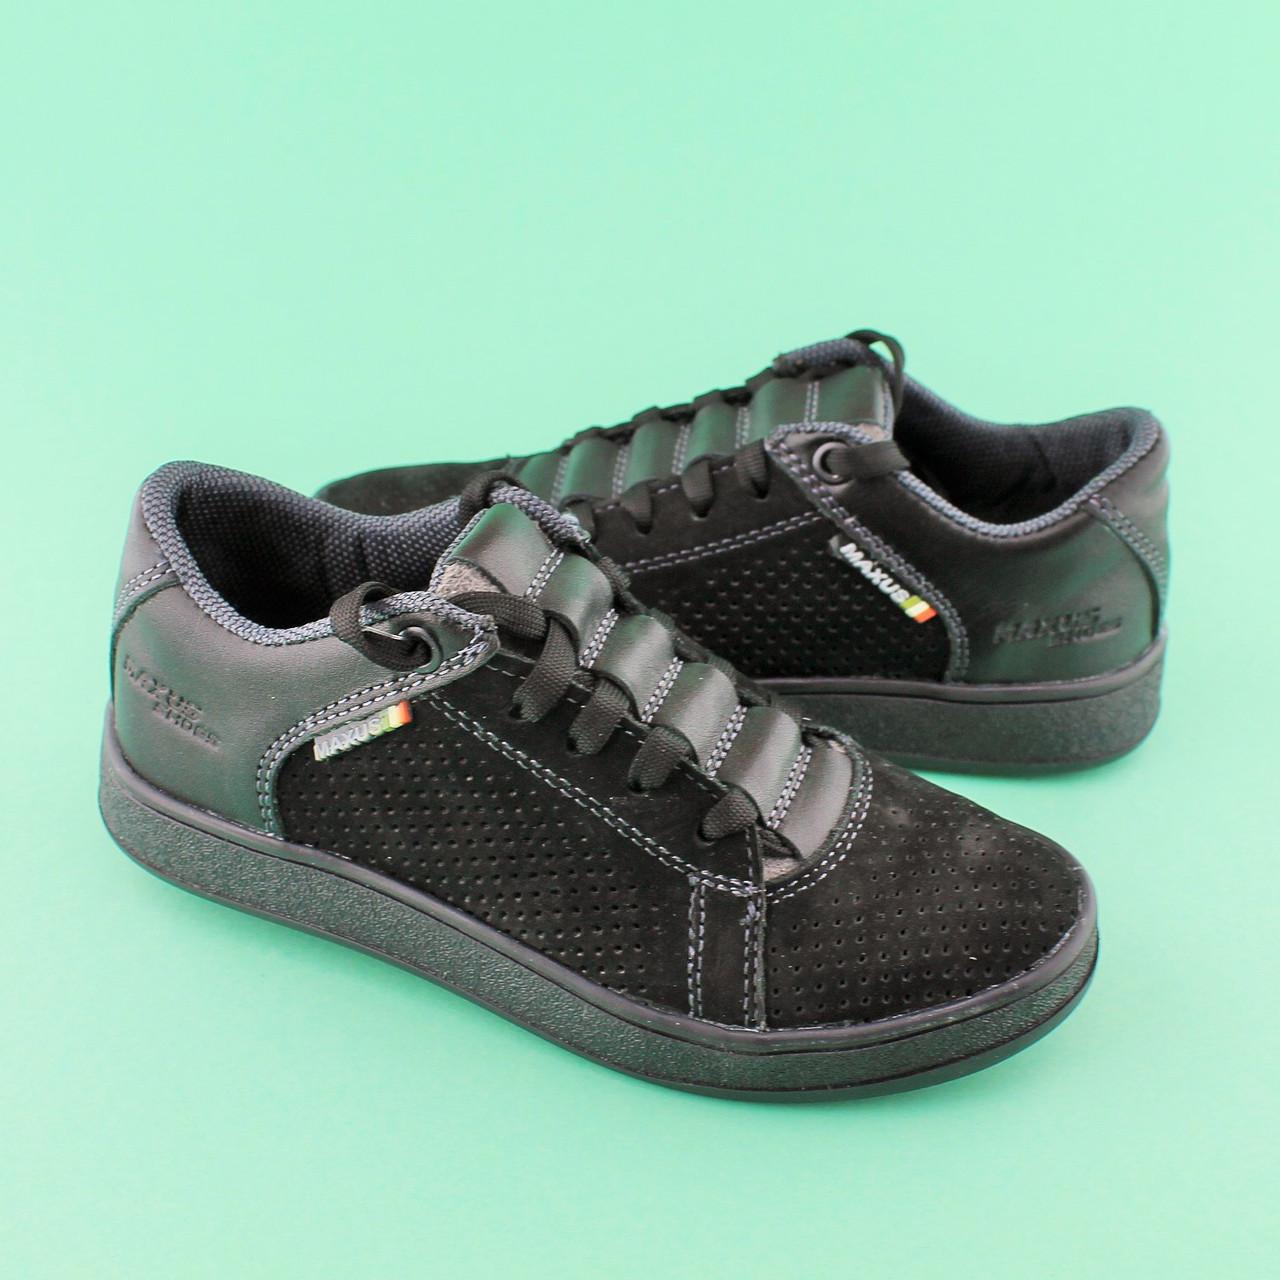 7677d59b1 Туфли подростковые на мальчика черный нубук размер 32,33,34,35,36,37 ...